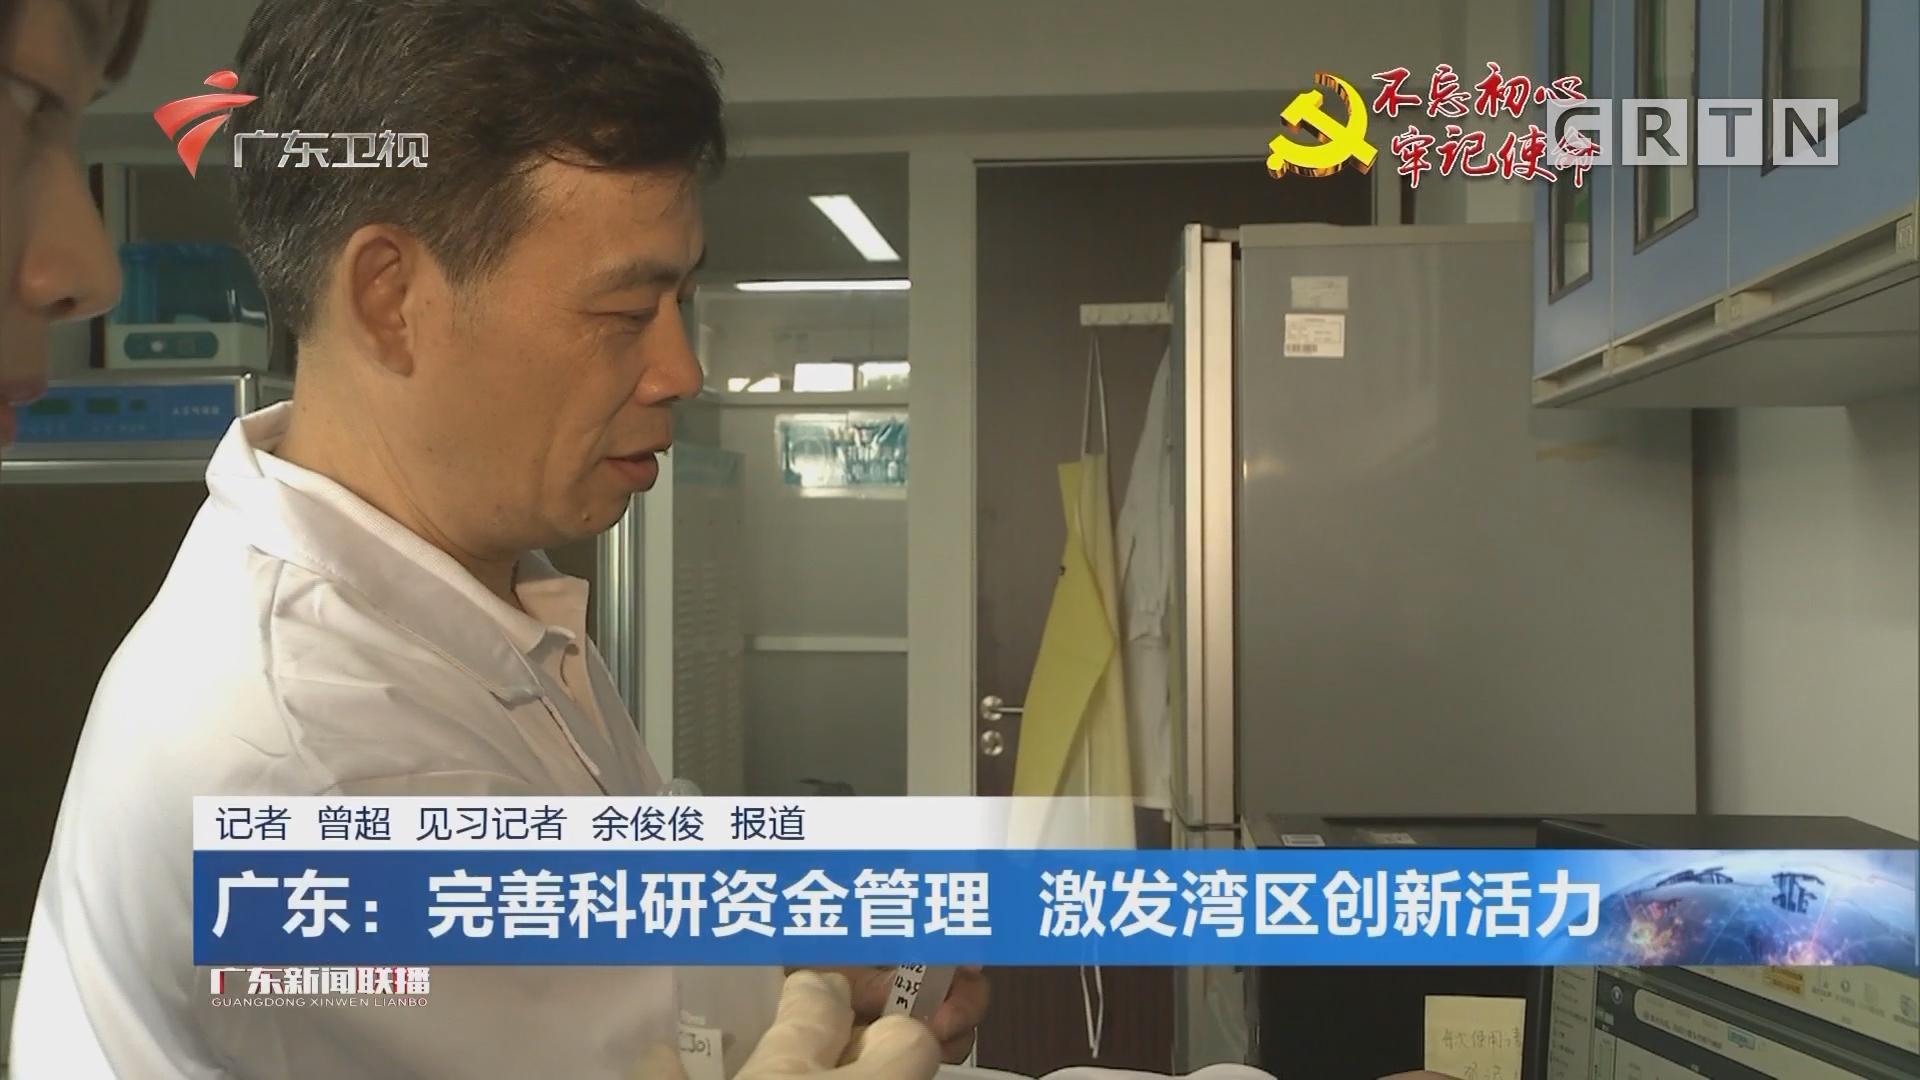 广东:完善科研资金管理 激发湾区创新活力